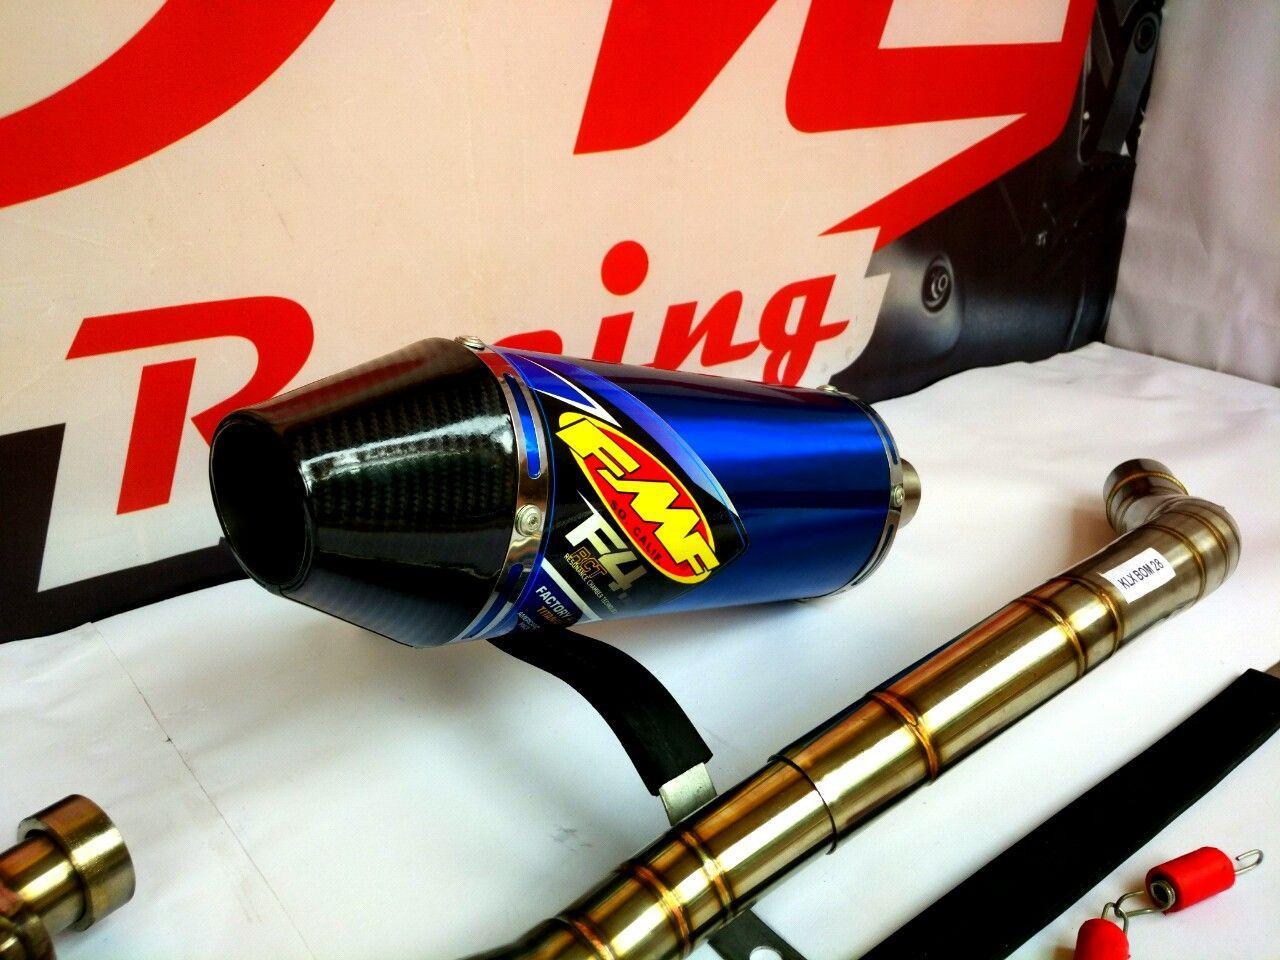 Kelebihan Knalot Racing Mobil Remus Blue Series High Quality Muffler Knalpot Js Klx 150 Fmf